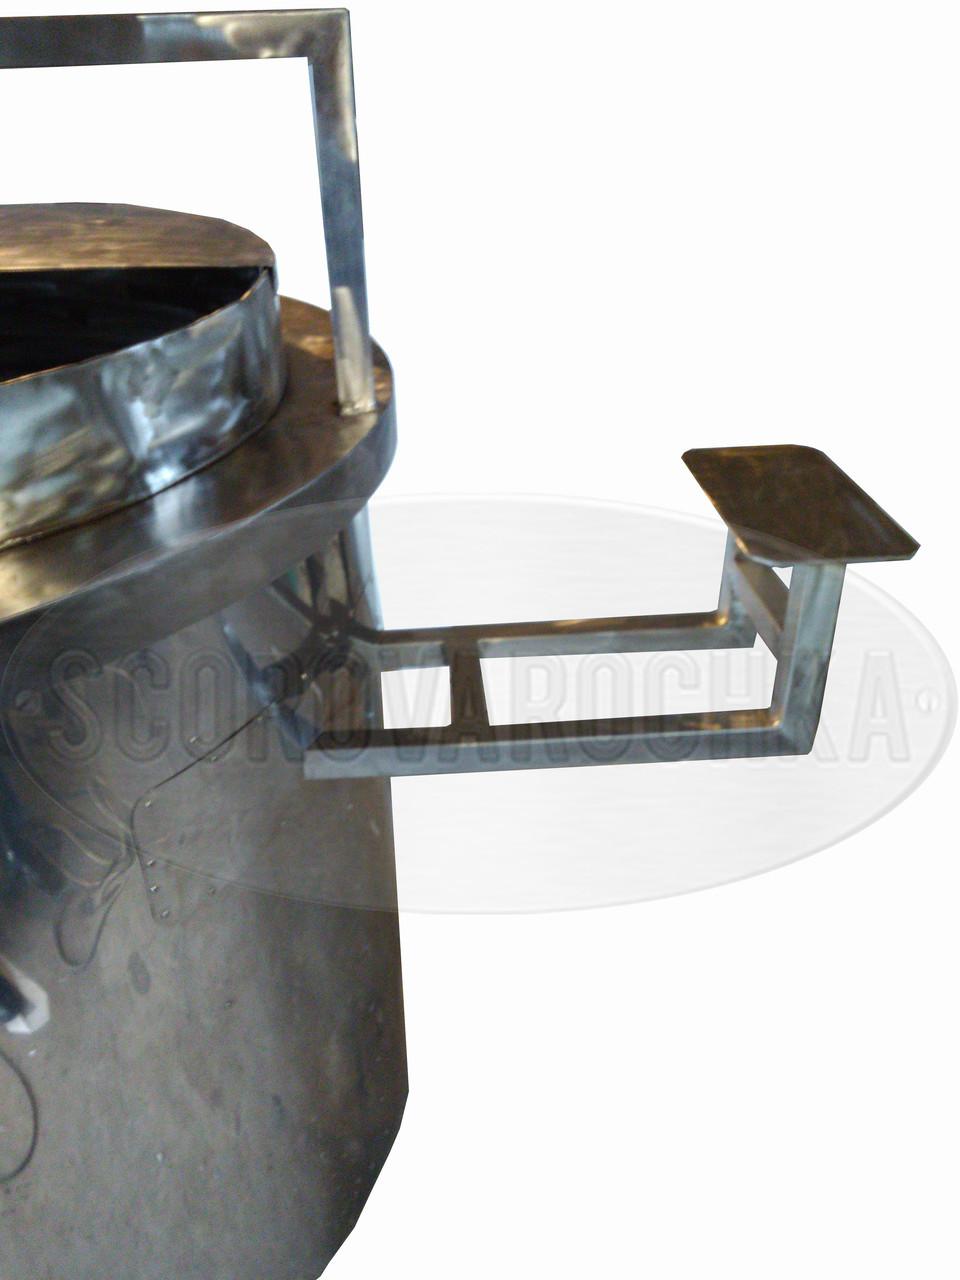 Пищеварочный котел с охлаждением КПЭ 2500 ПО с мешалкой - SKOROVAROCHKA